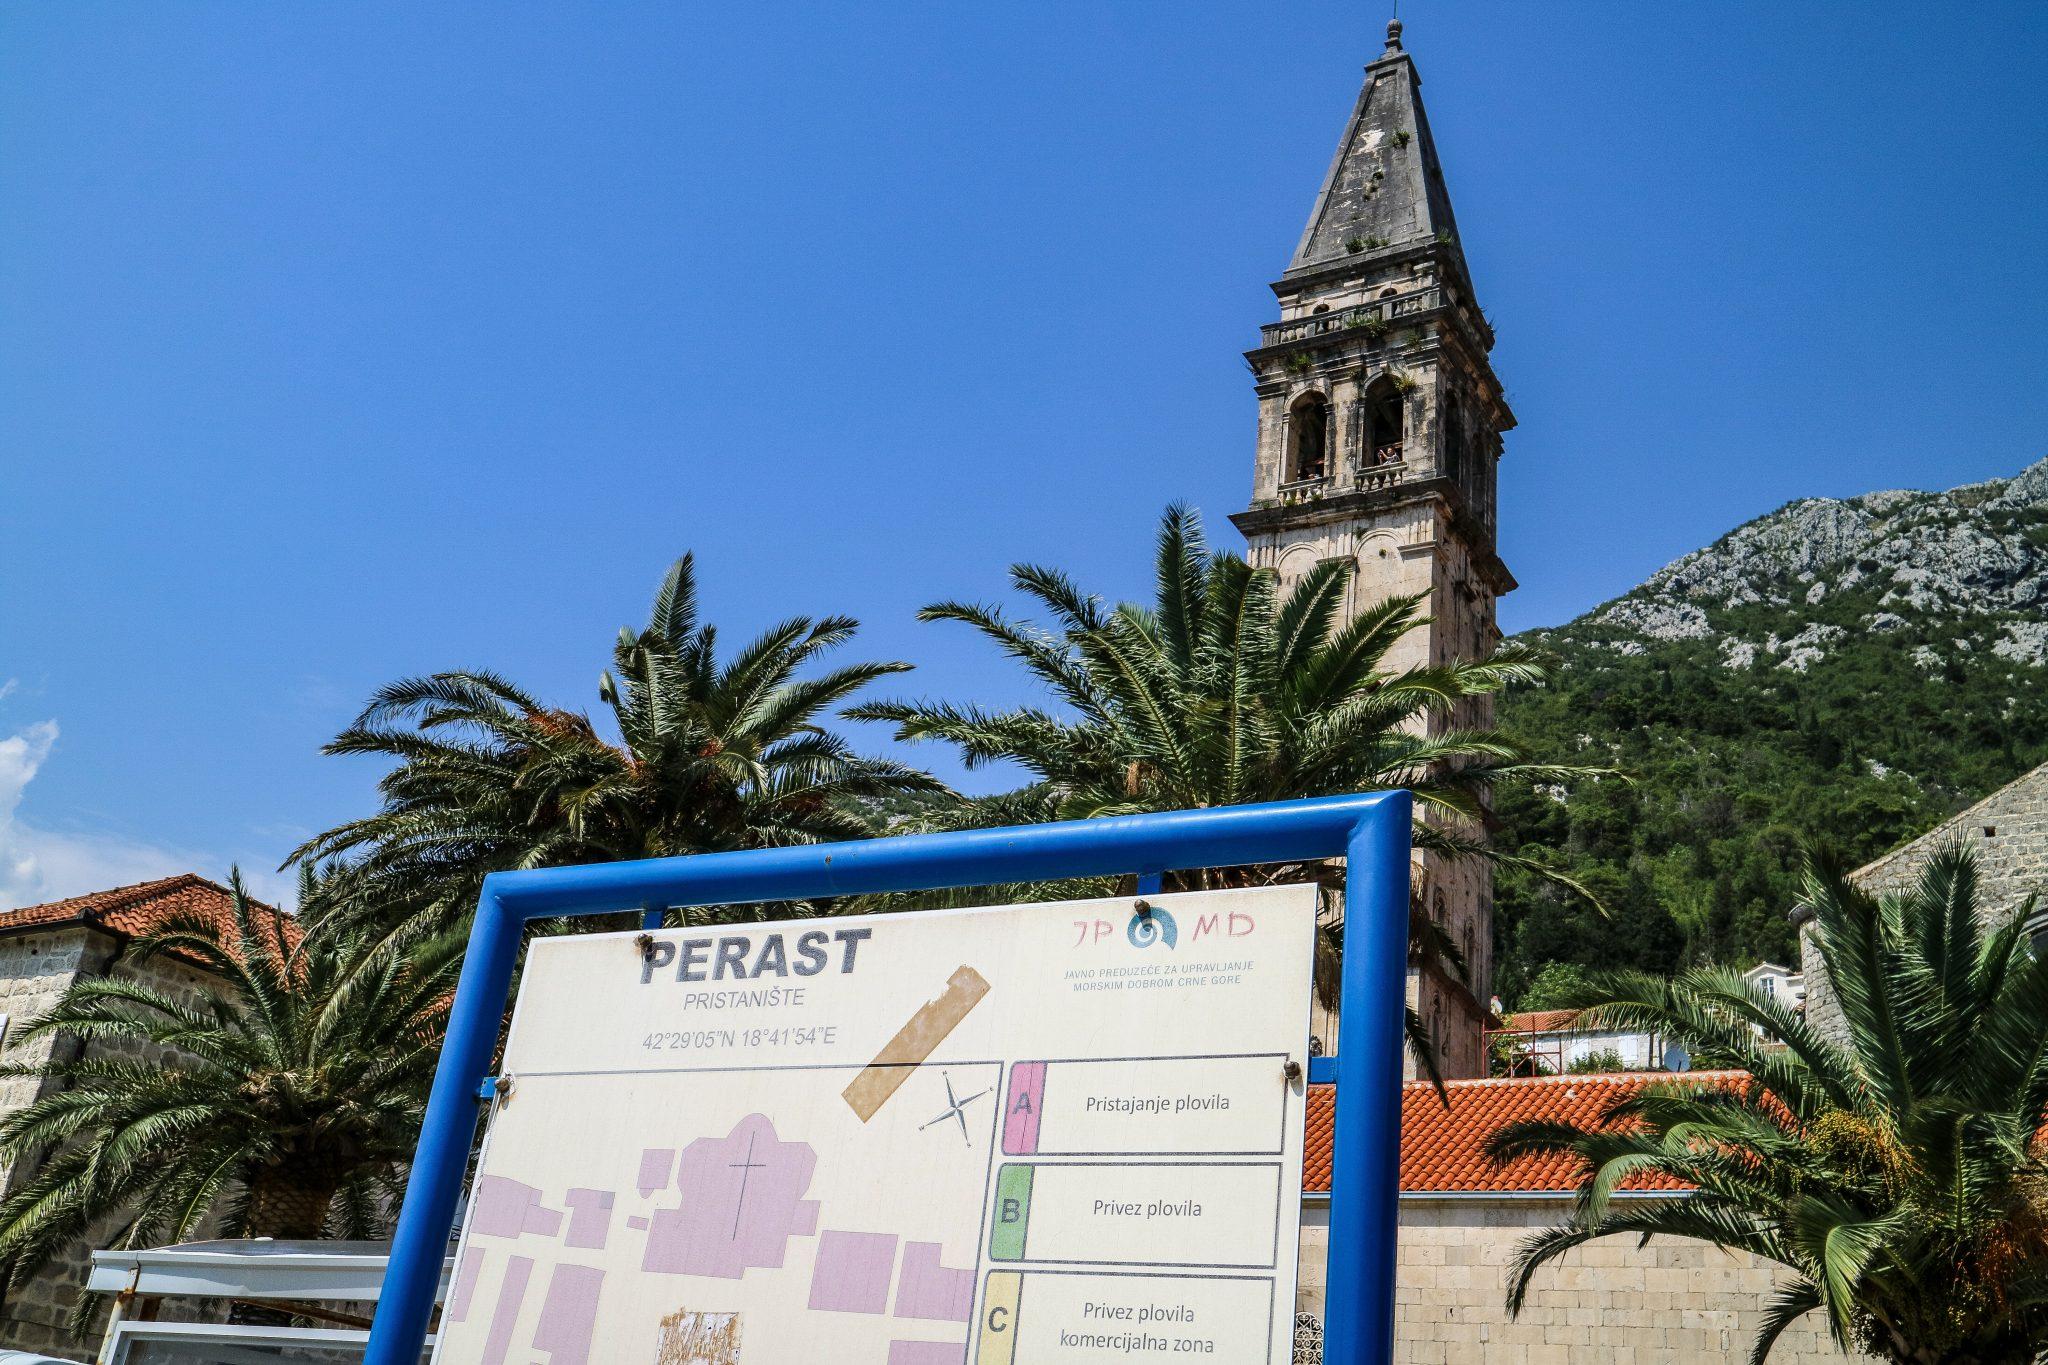 Perast, near Kotor, Montenegro